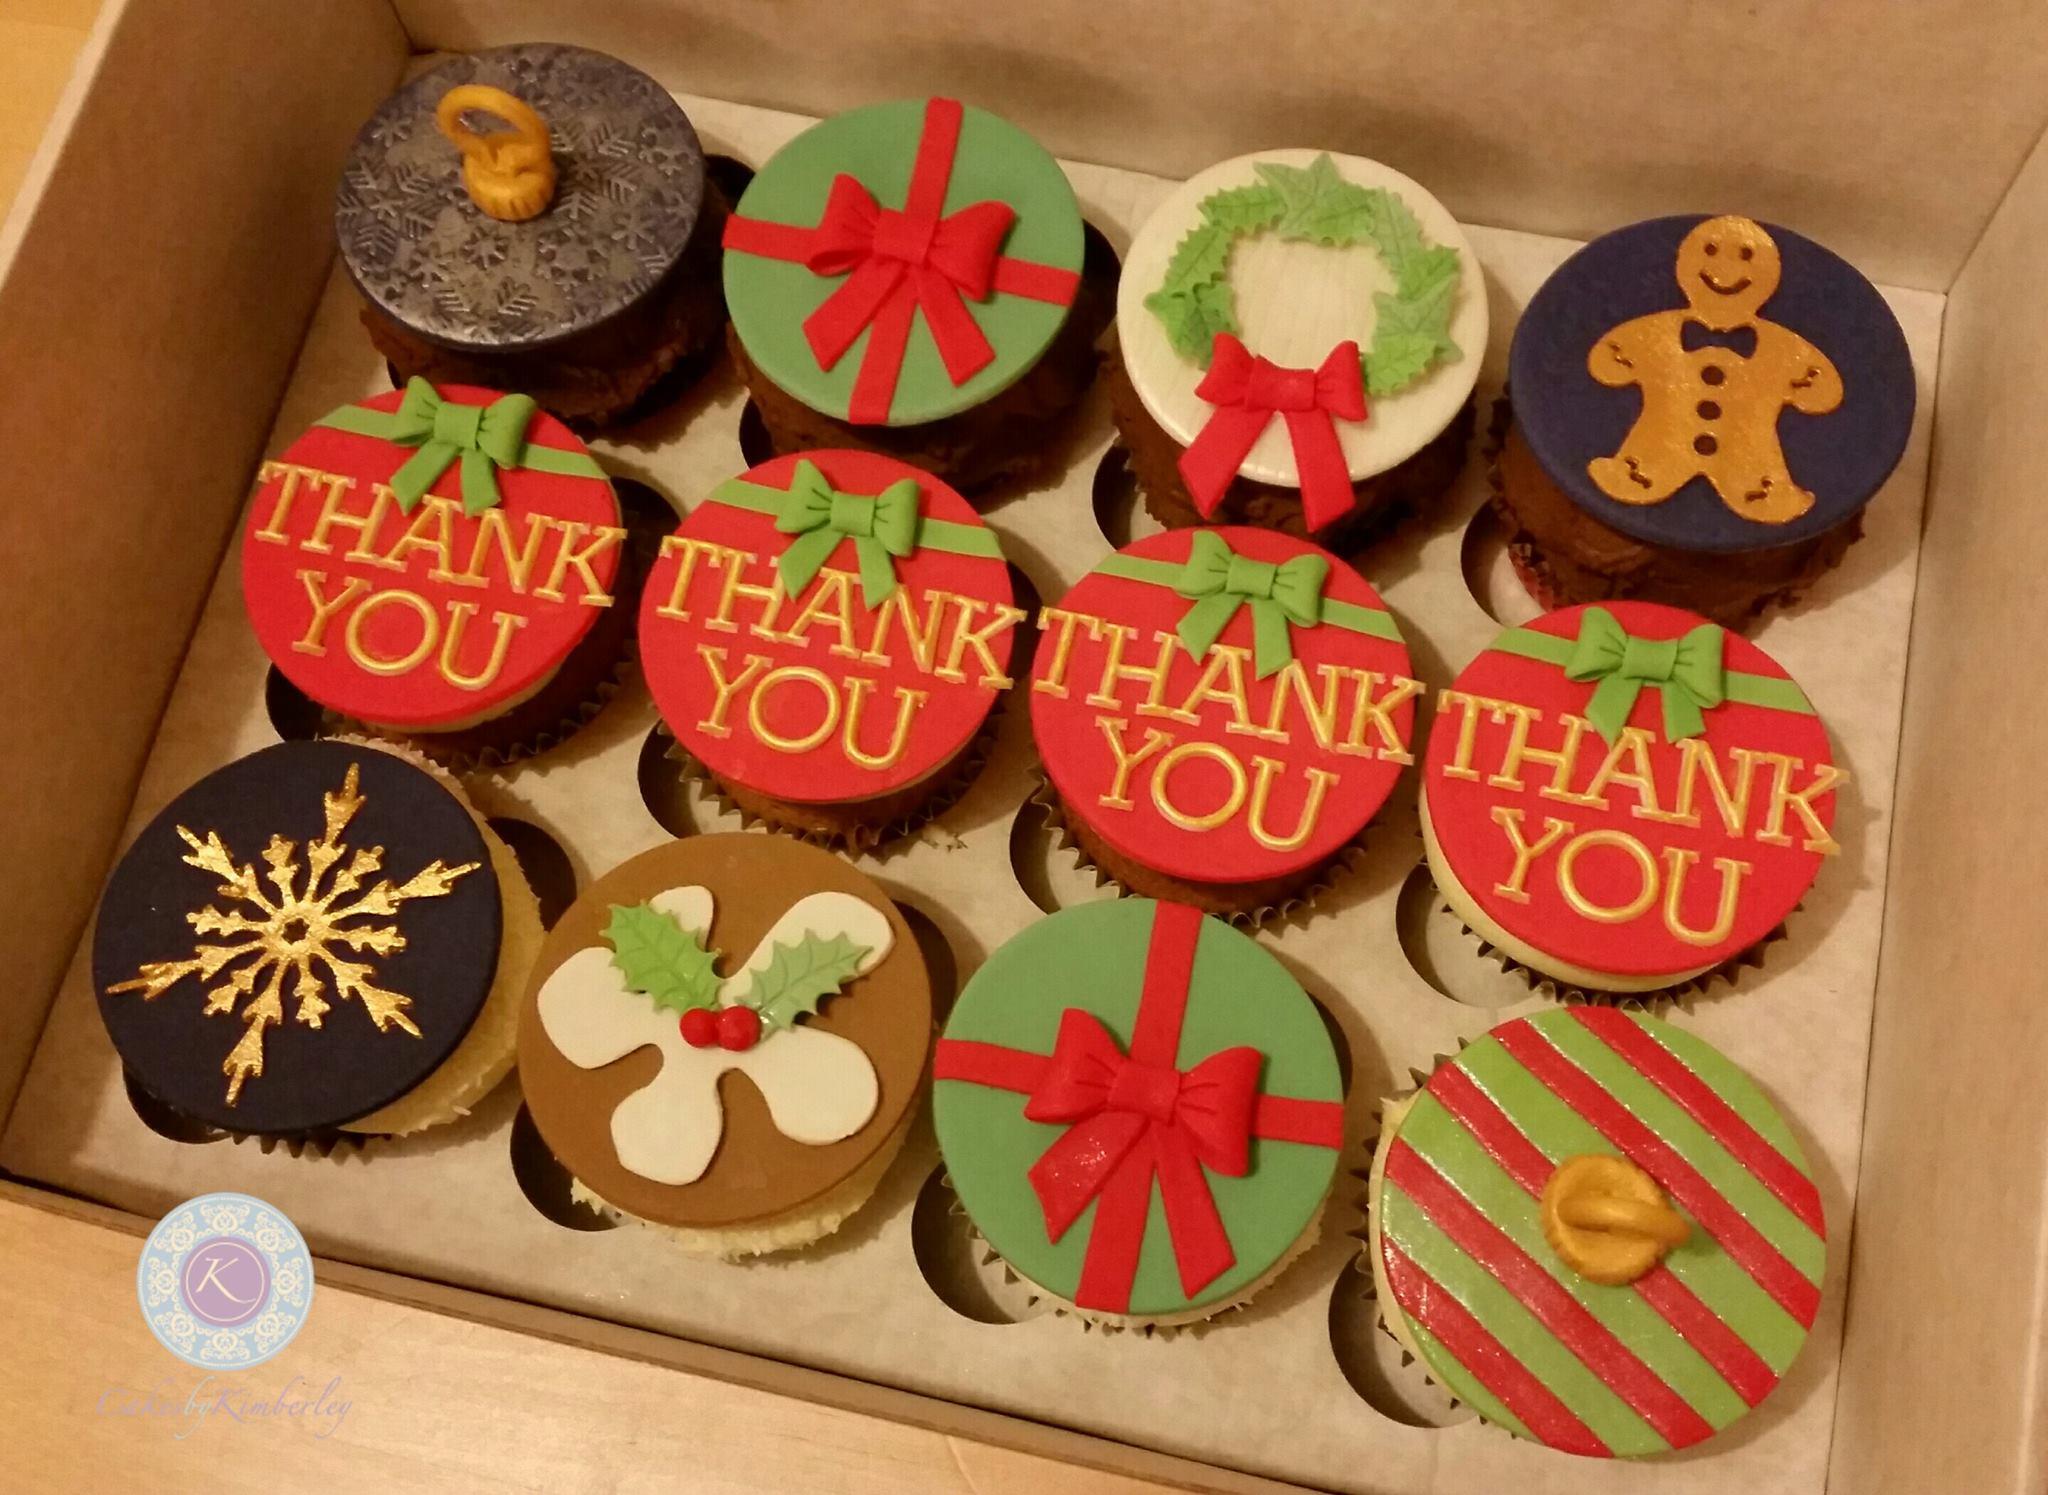 xmas thank you cupcakes